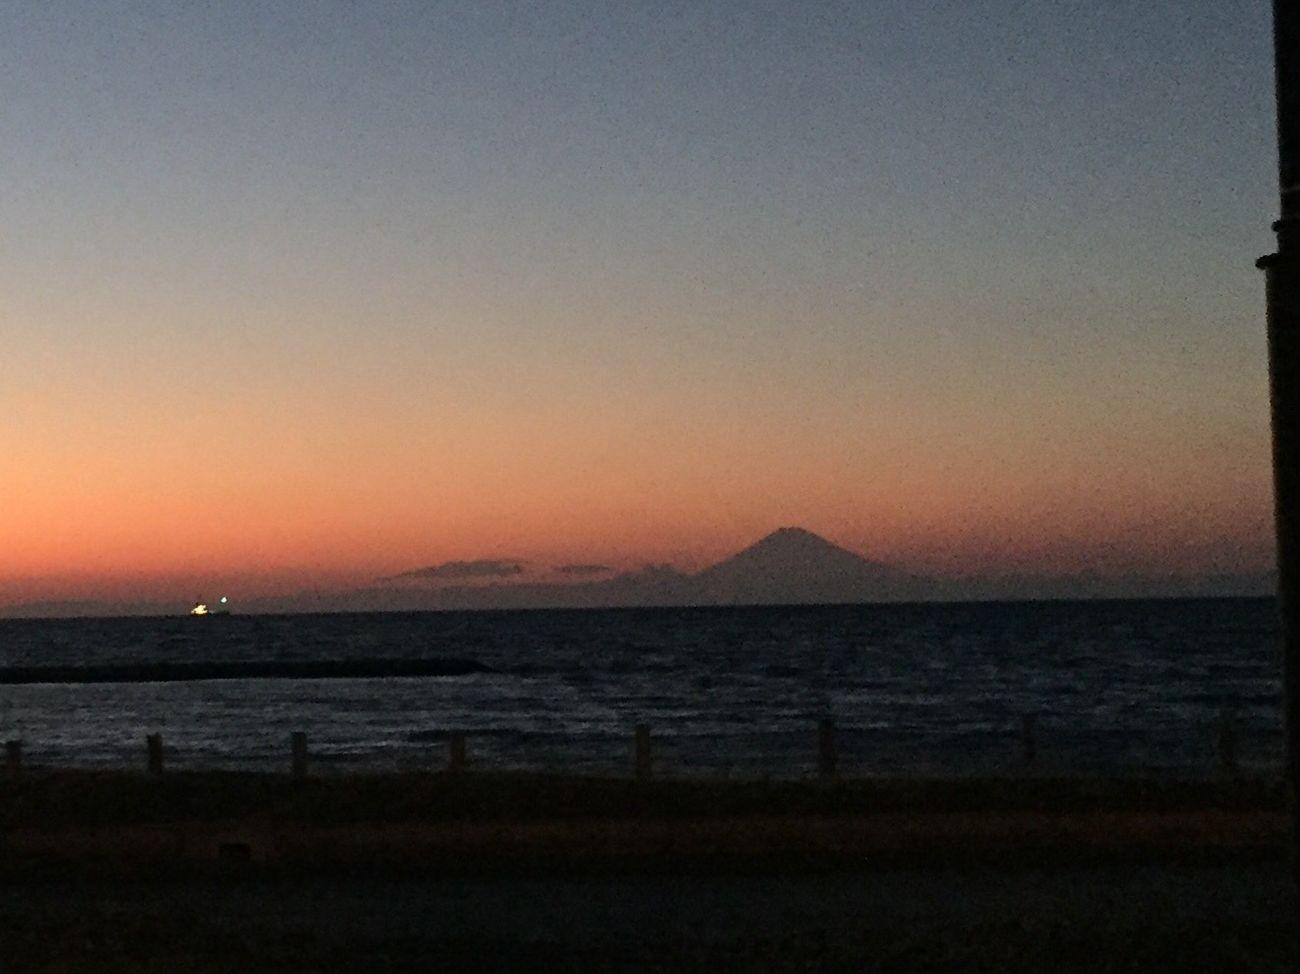 富士 Scenics Sunset Water Nature Tranquility Beauty In Nature Tranquil Scene Clear Sky Sea No People Silhouette Outdoors Sky Day